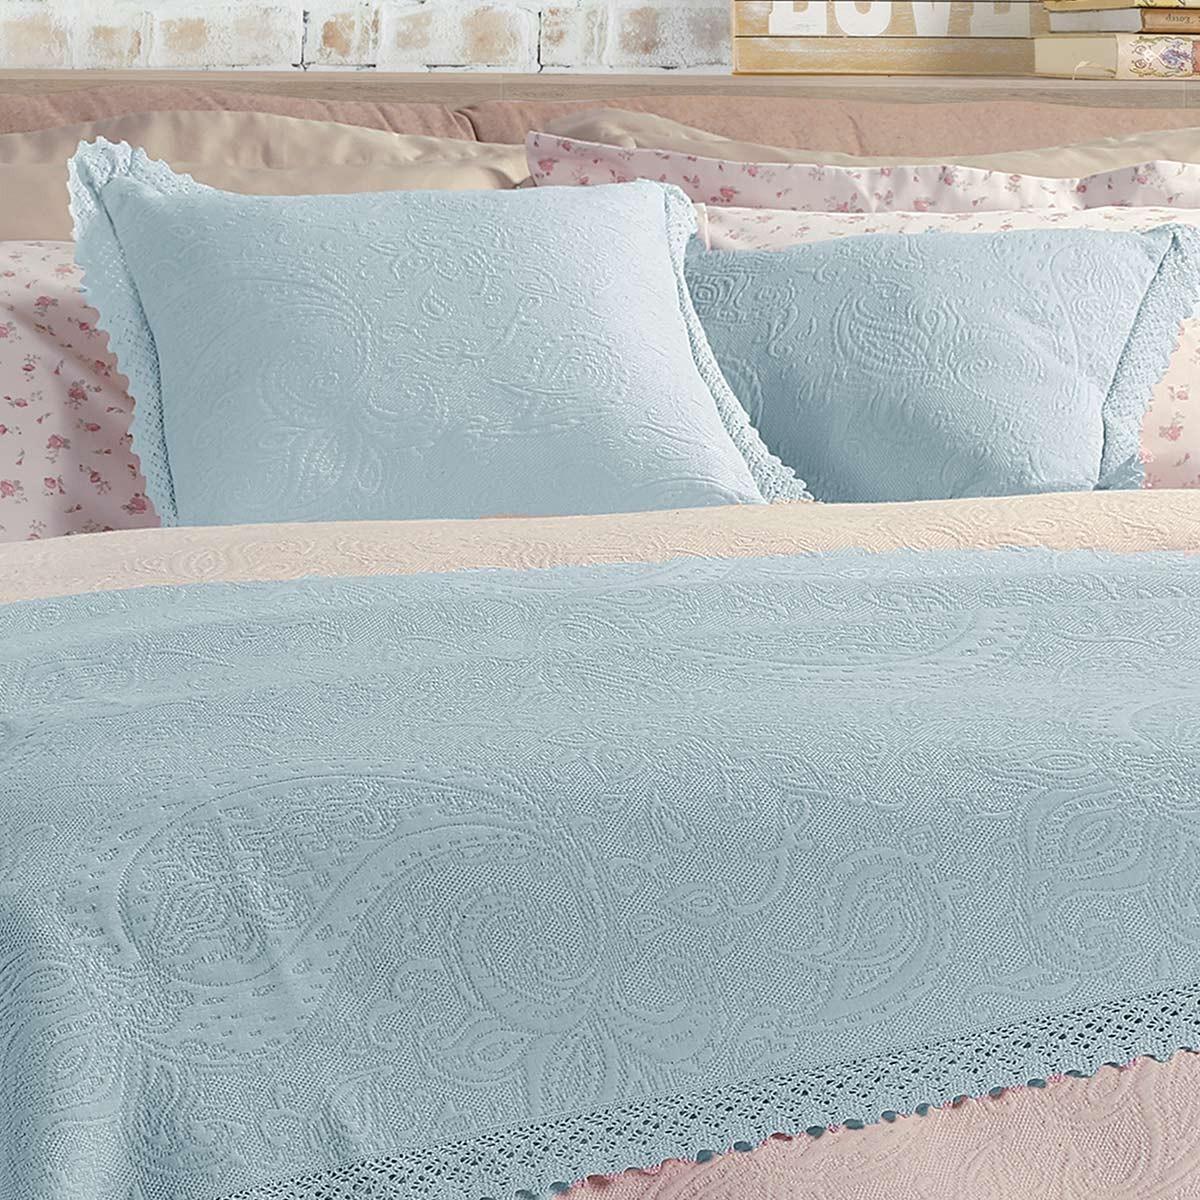 Διακοσμητικό Μαξιλάρι Nef-Nef Abigail Aqua home   κρεβατοκάμαρα   διακοσμητικά μαξιλάρια